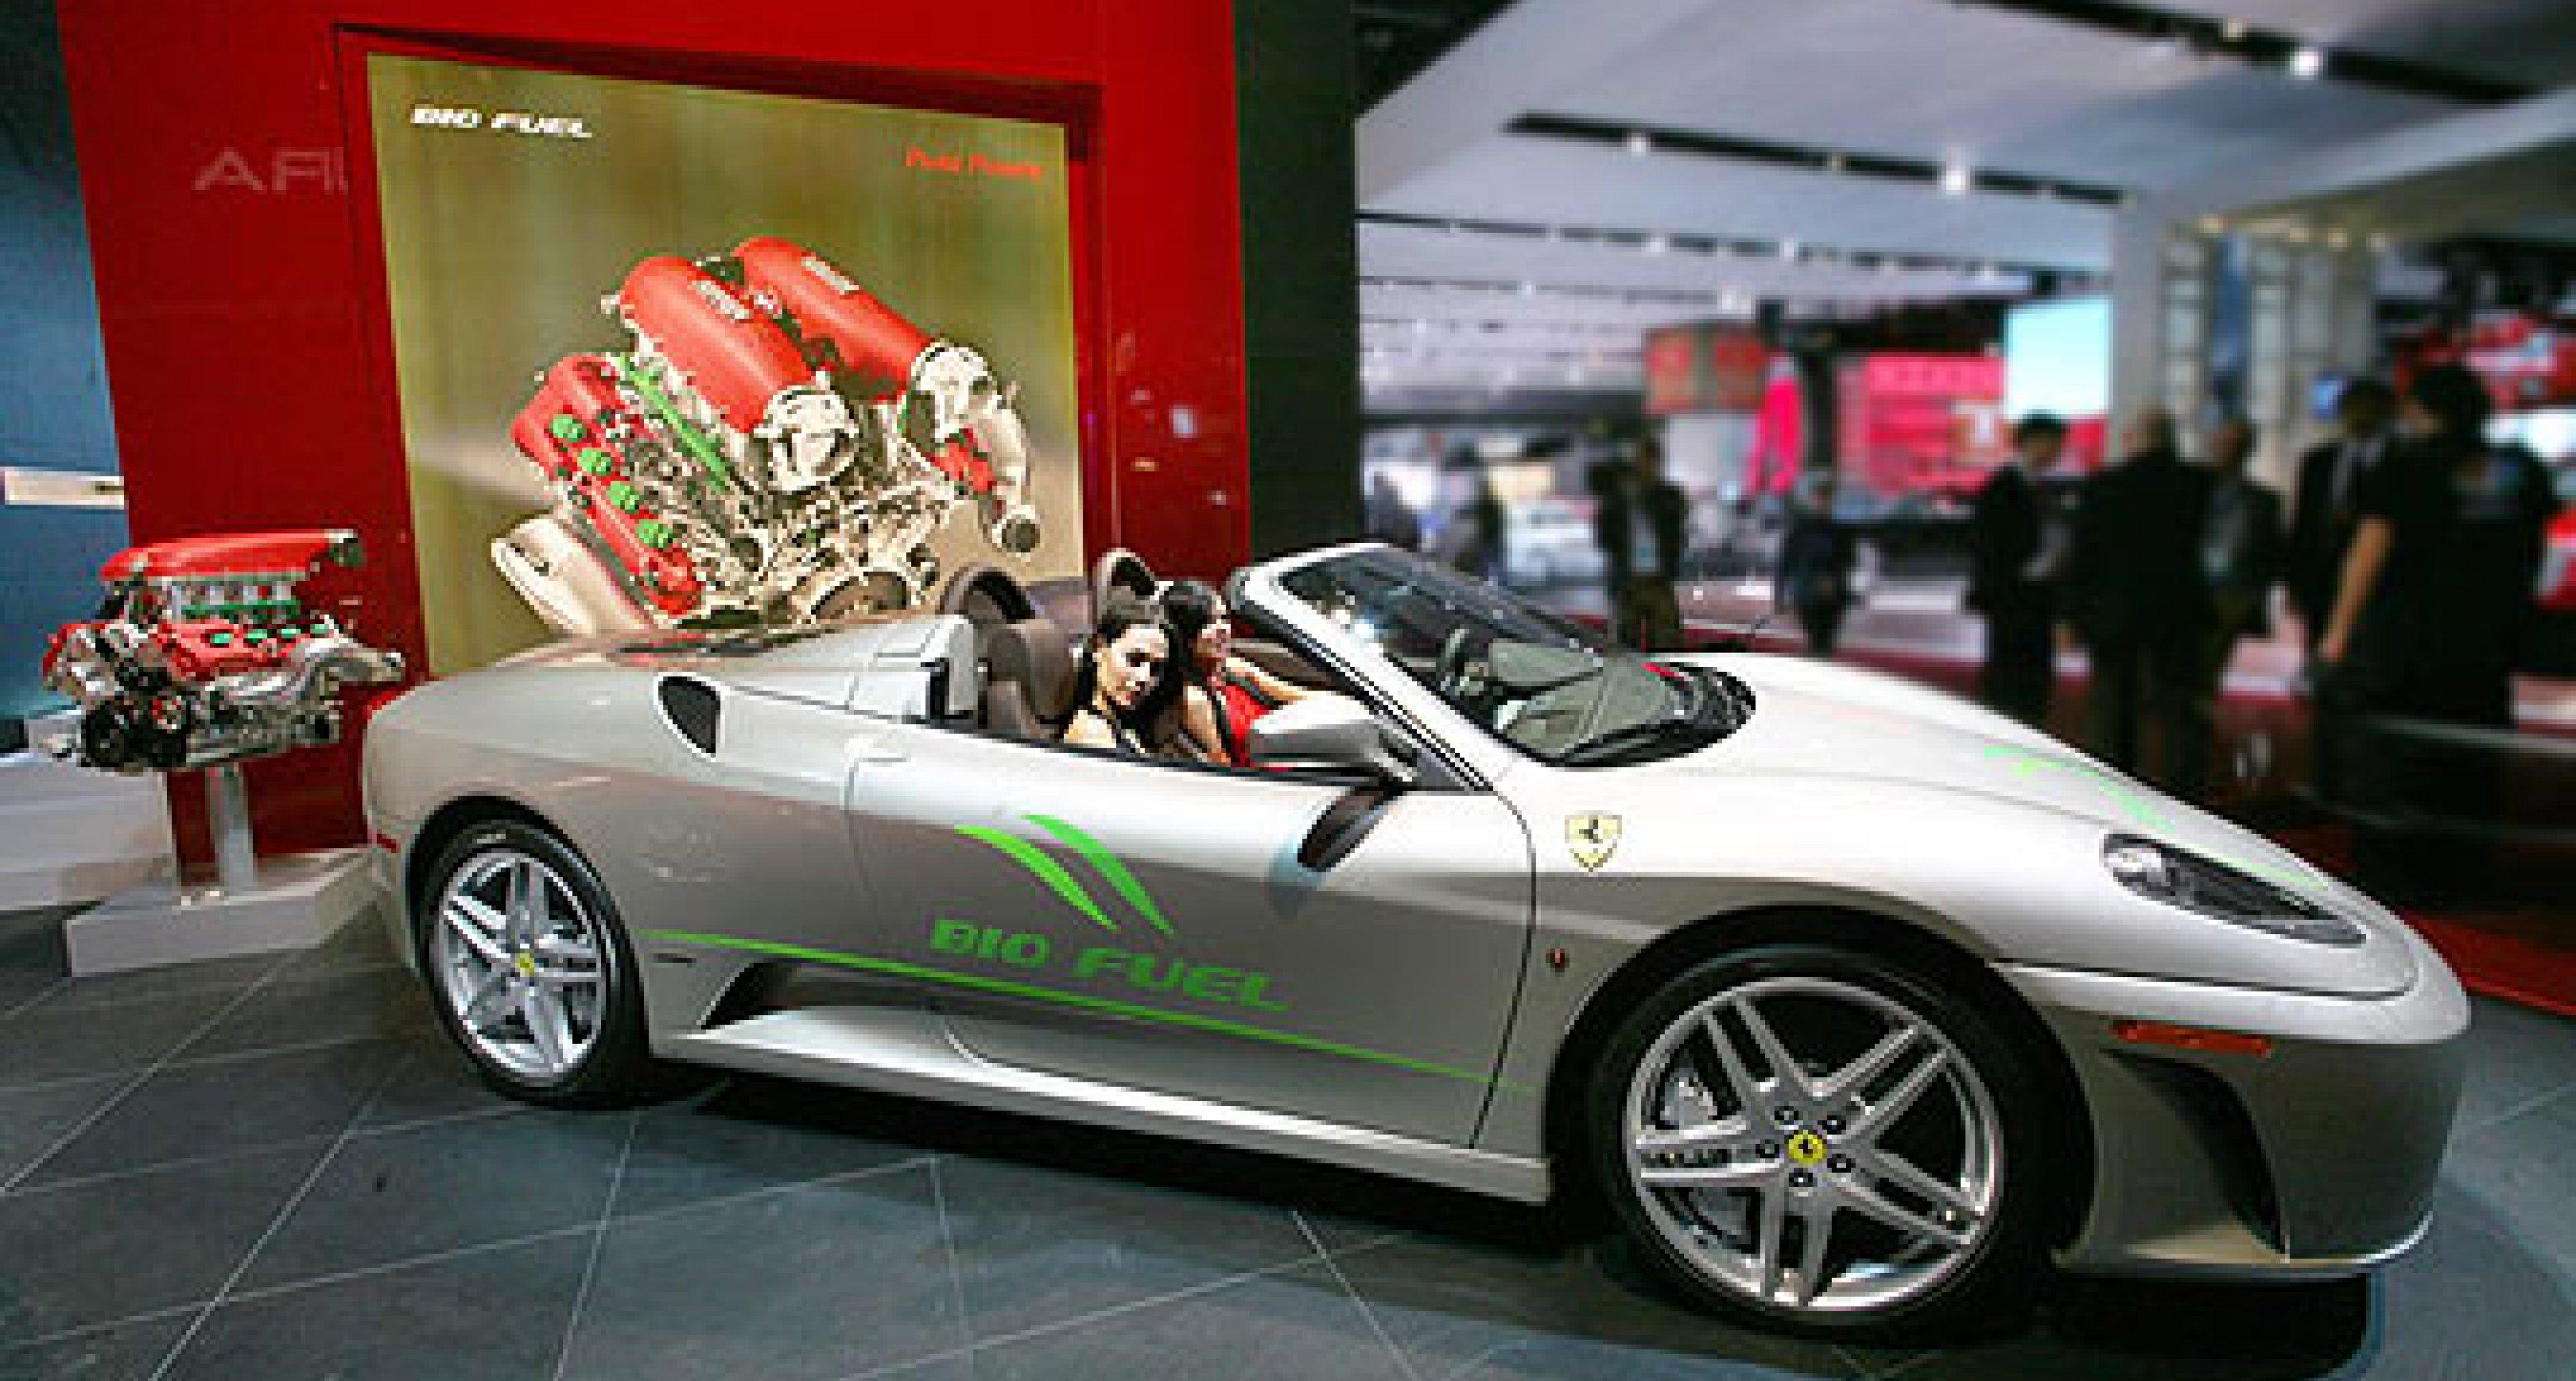 Ferrari F430 Spider Biofuel: A Biotifuel Mind